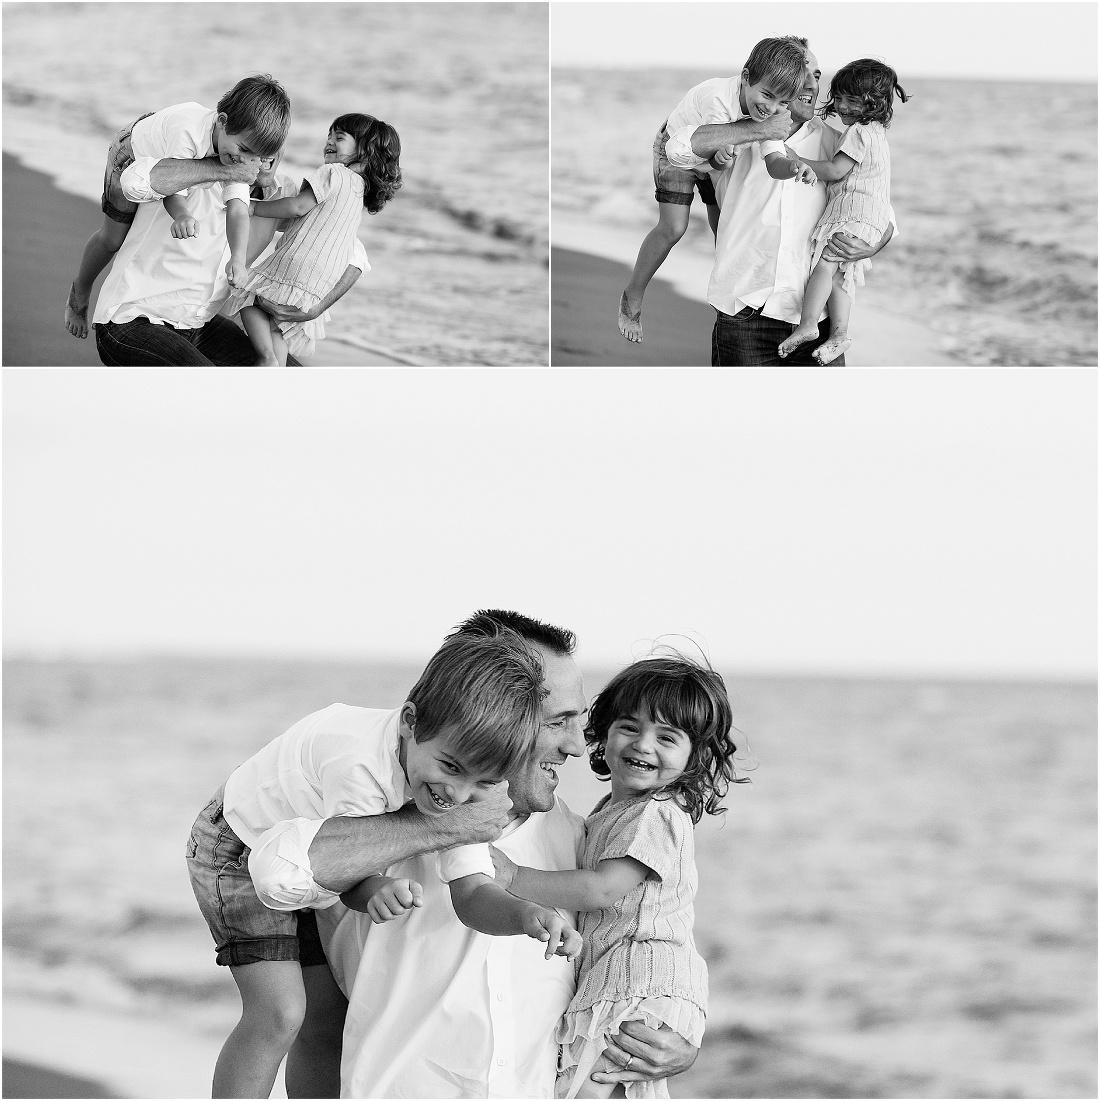 fotografo famiglie roma